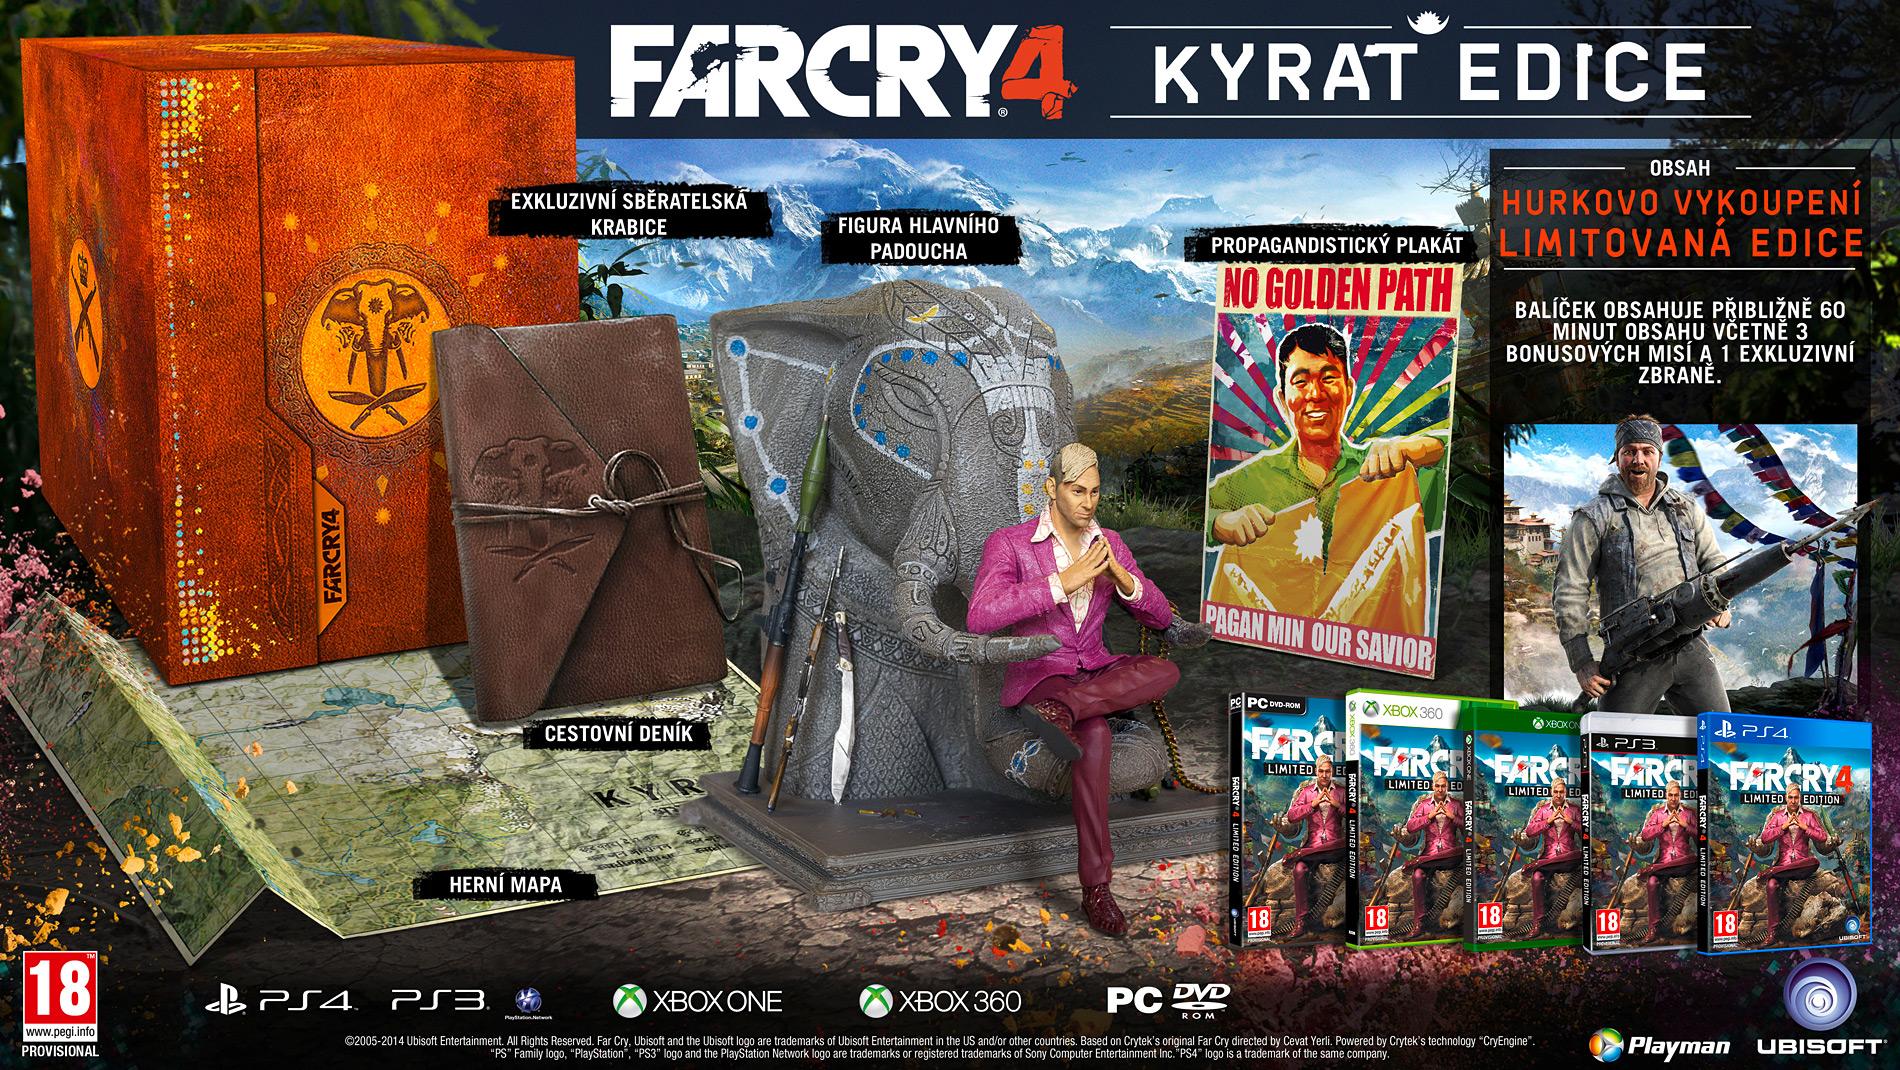 Poslední kusy Kyrat edice PS4 verze Far Cry 4 102672